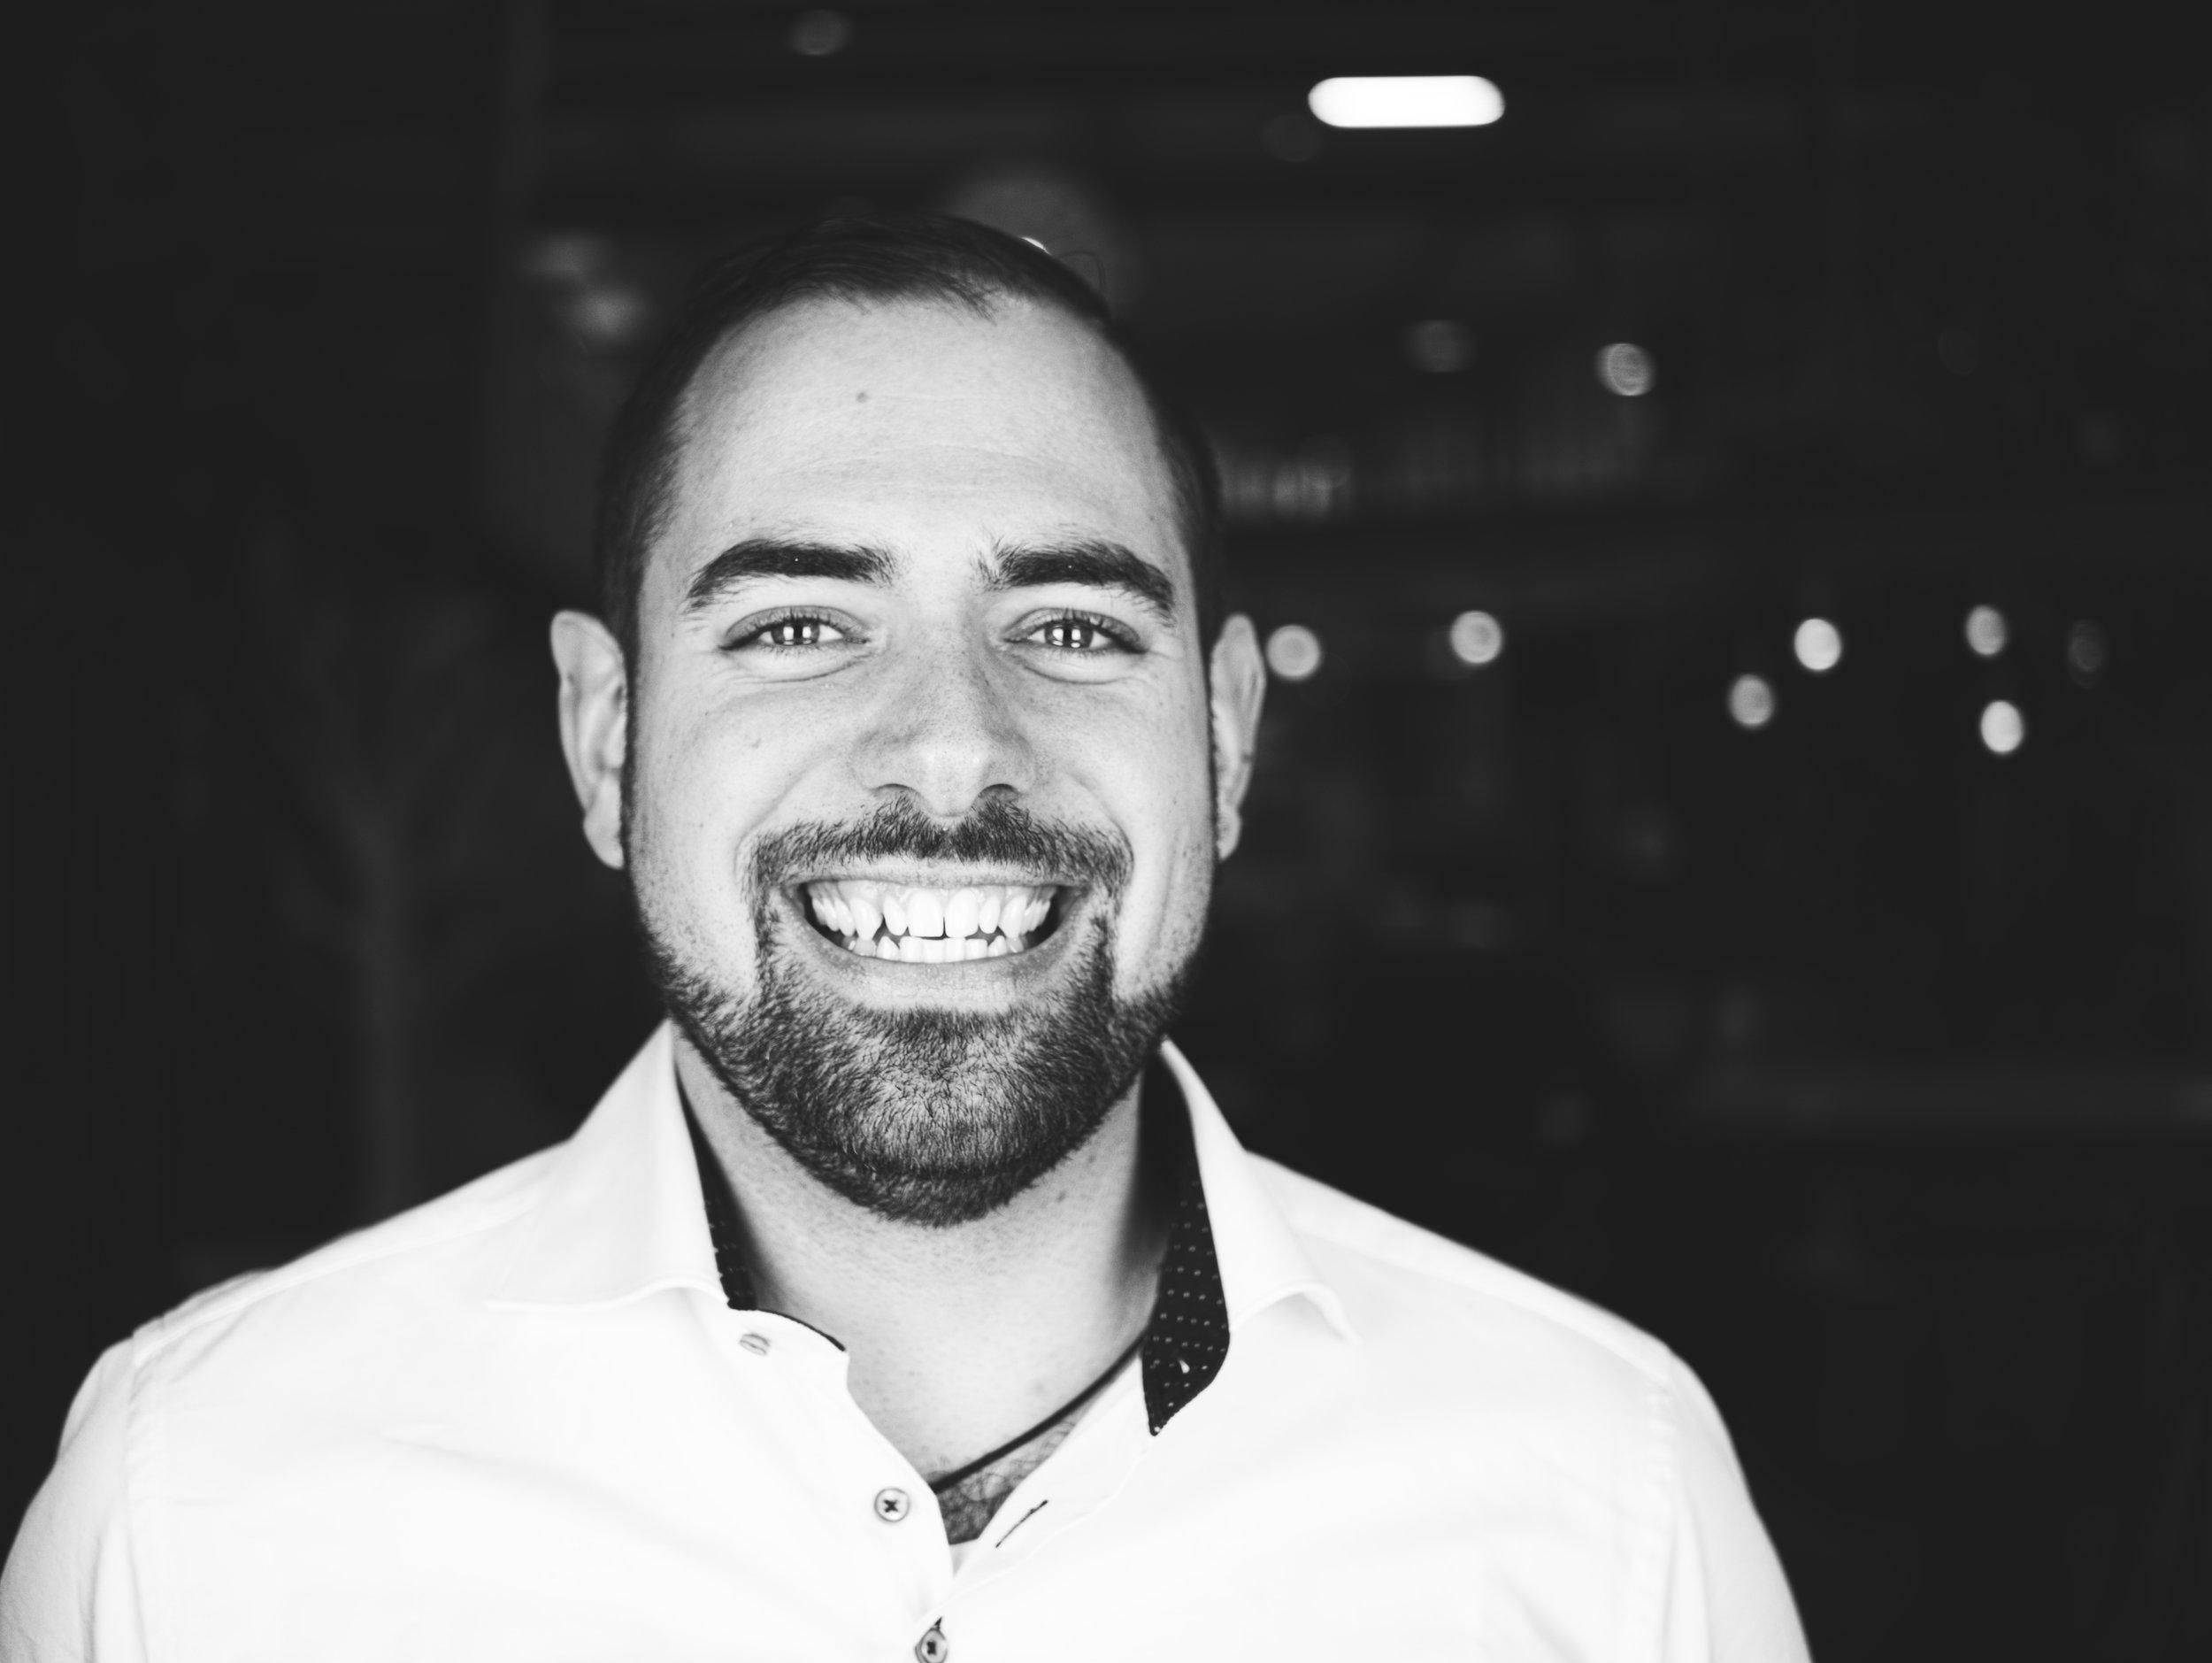 Jordi de Vos - Founder - Jordi is an early blockchain aficionado with a business background,